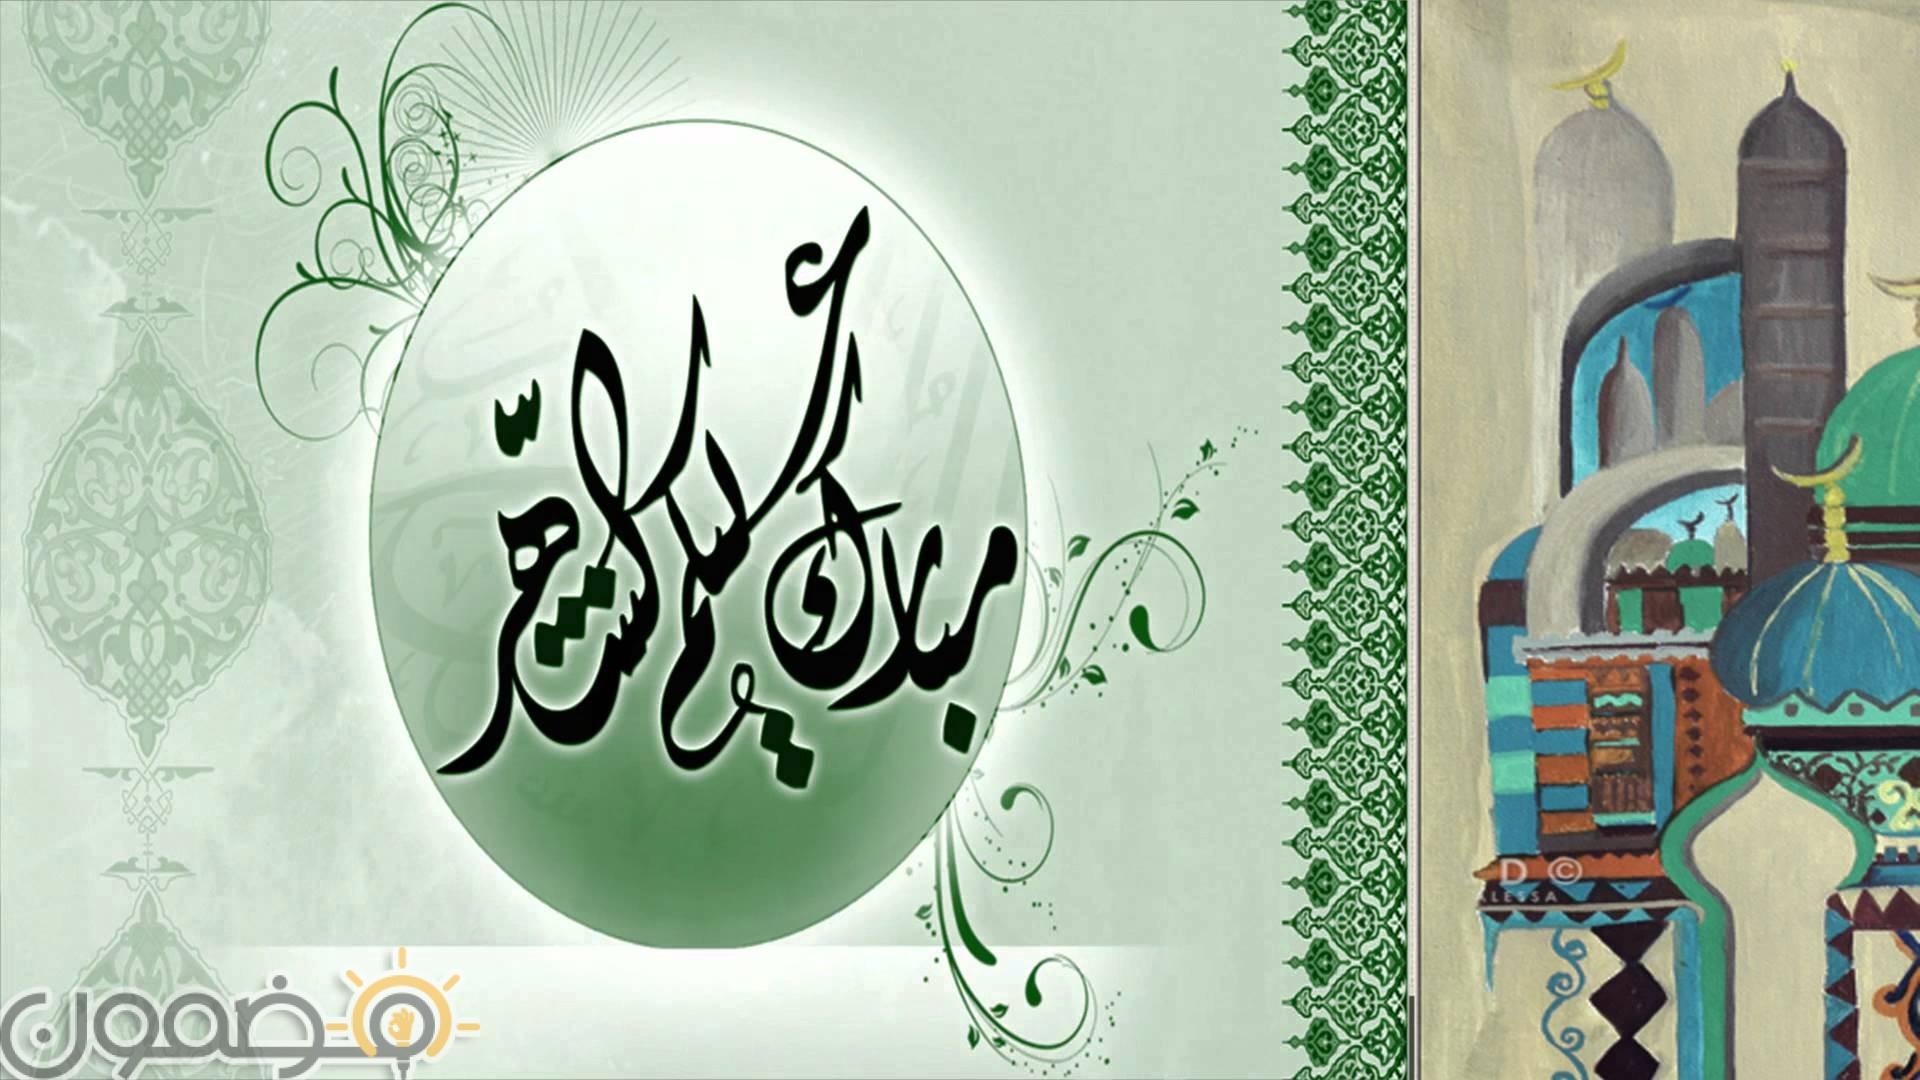 بطاقات مبارك عليكم الشهر 1 صور بطاقات مبارك عليكم الشهر لرمضان